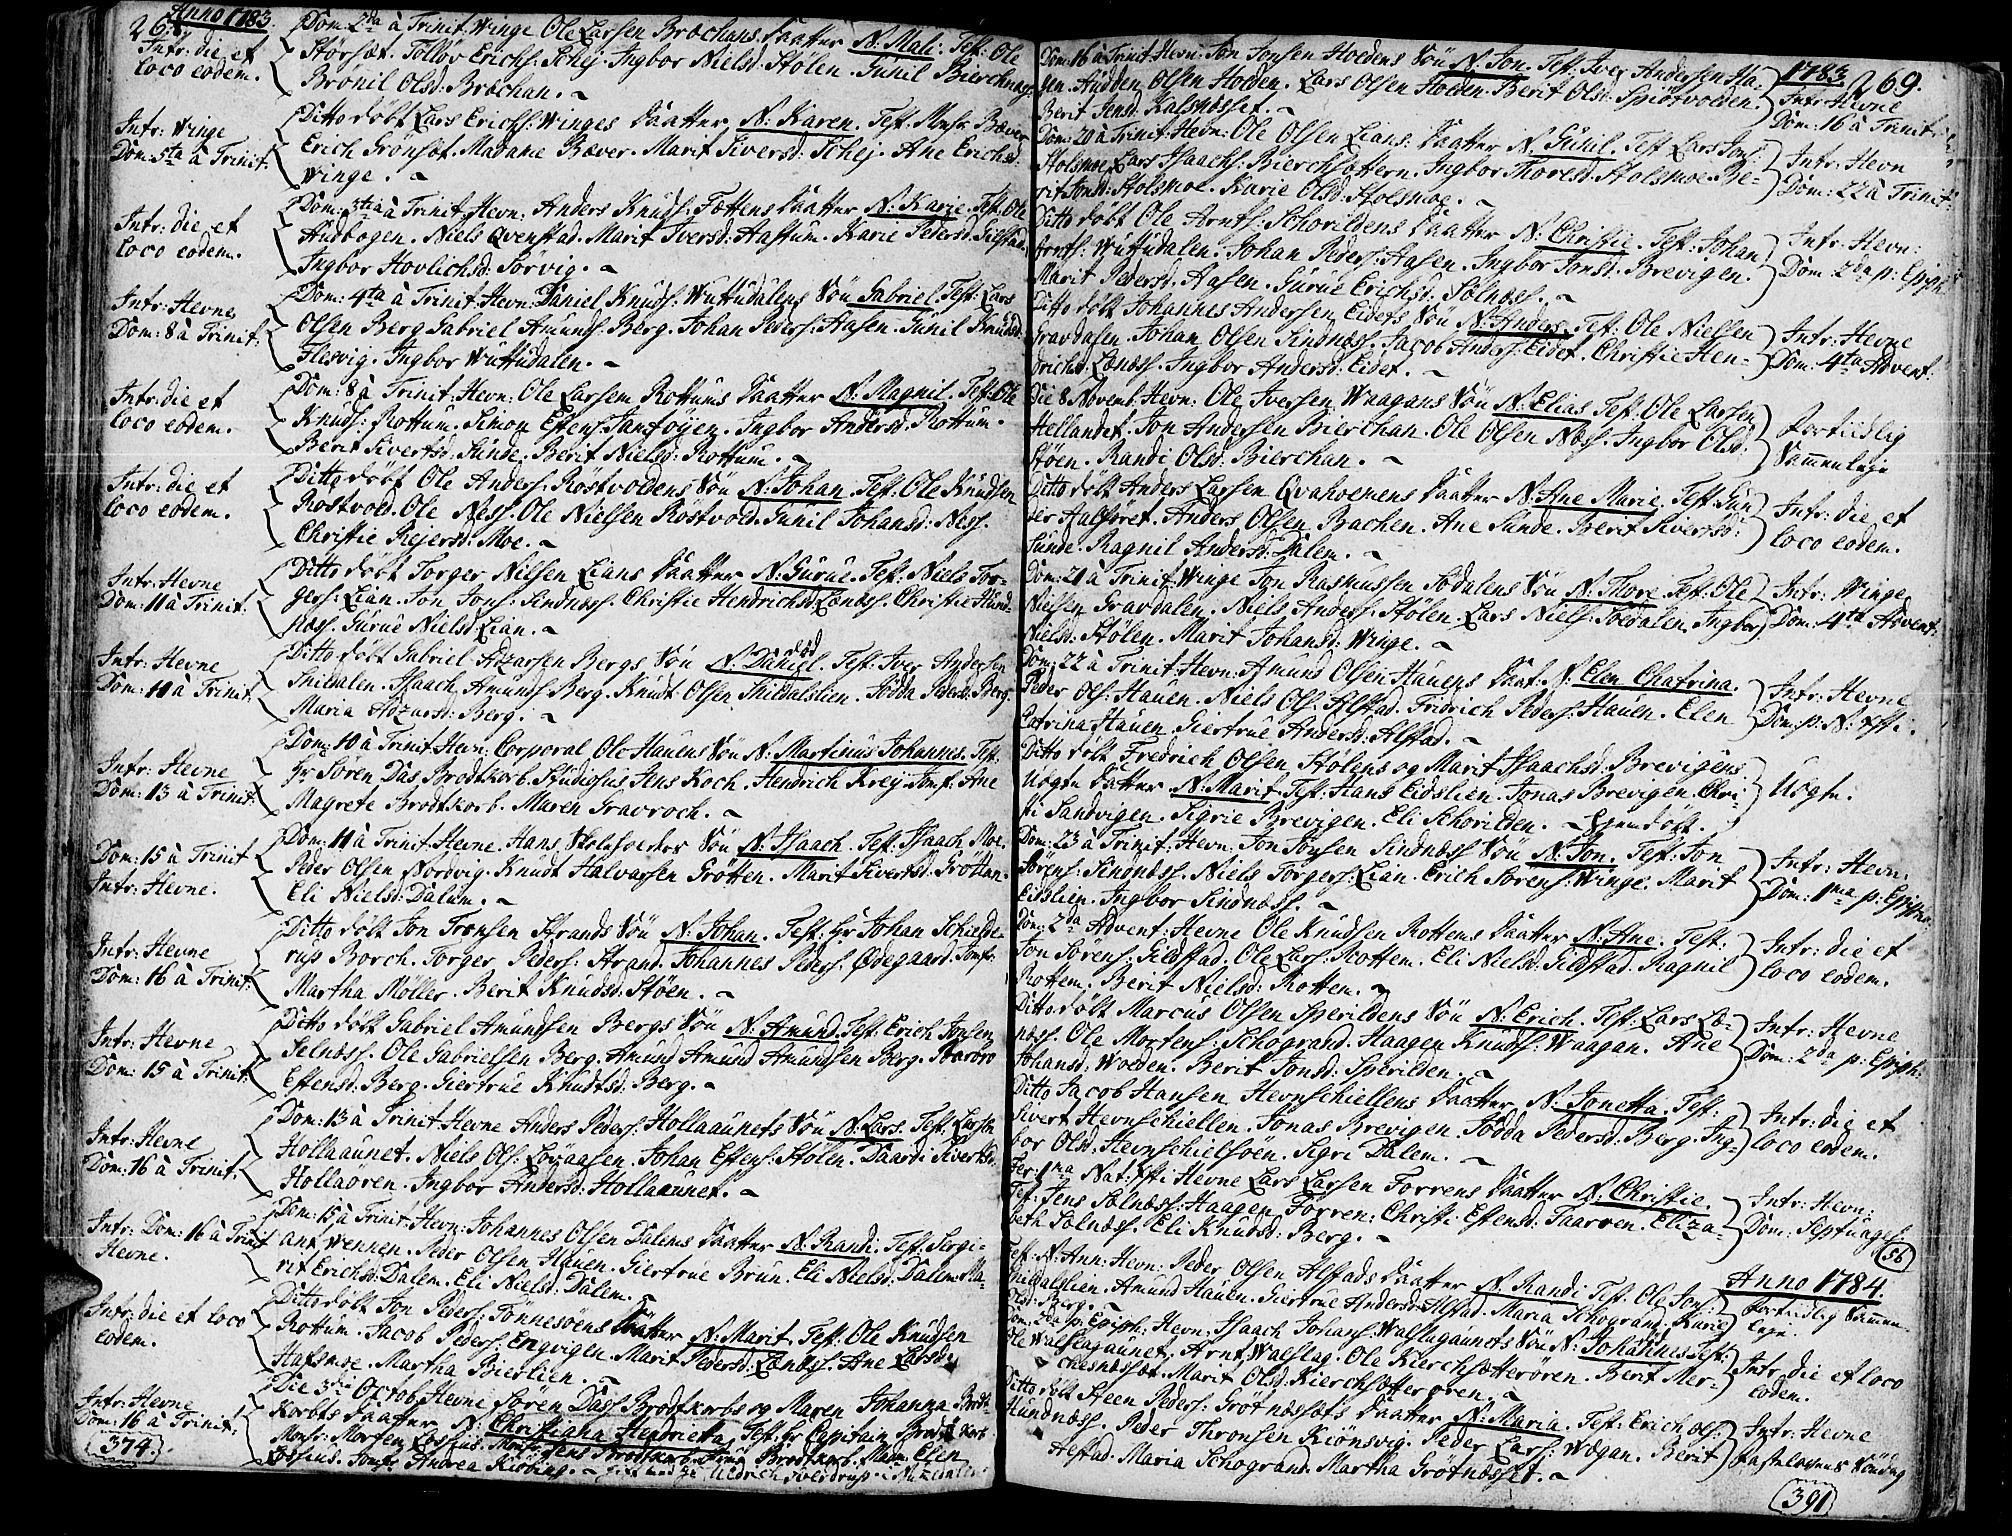 SAT, Ministerialprotokoller, klokkerbøker og fødselsregistre - Sør-Trøndelag, 630/L0489: Ministerialbok nr. 630A02, 1757-1794, s. 268-269